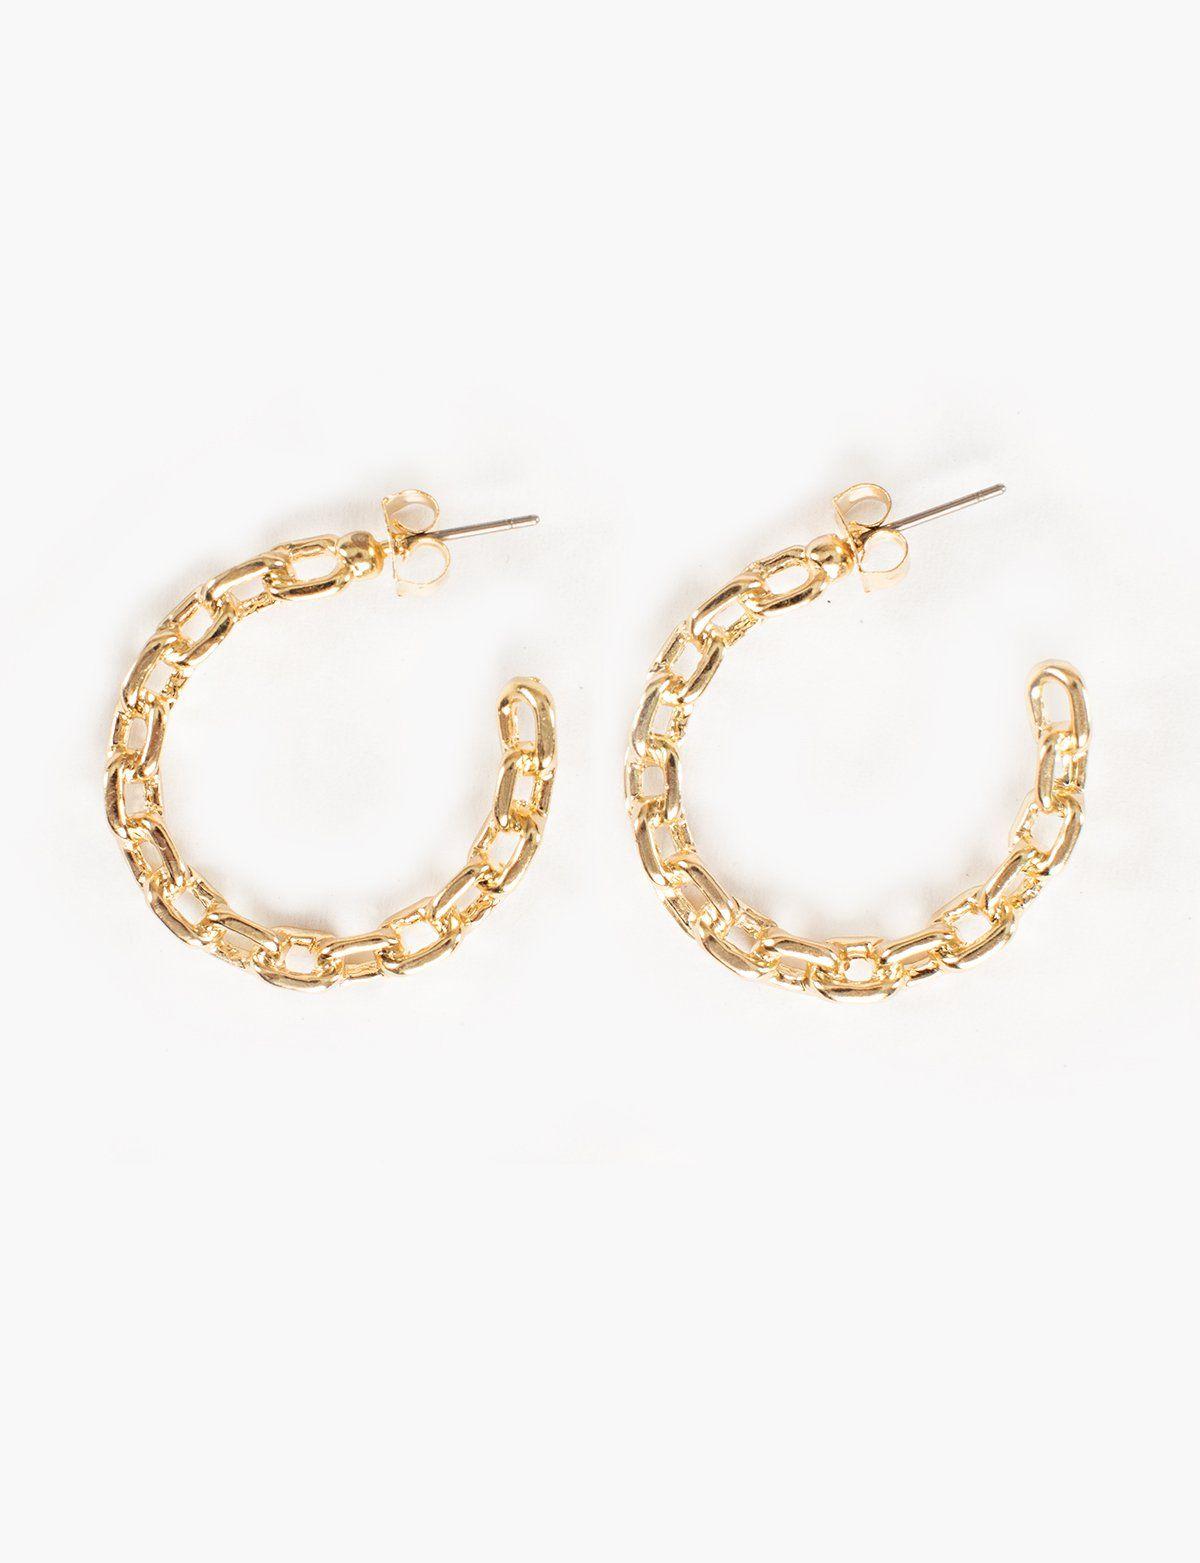 4e5b72a609c67 Chain Link Gold Hoop Earrings | B E J E W E L E D | Gold hoop ...